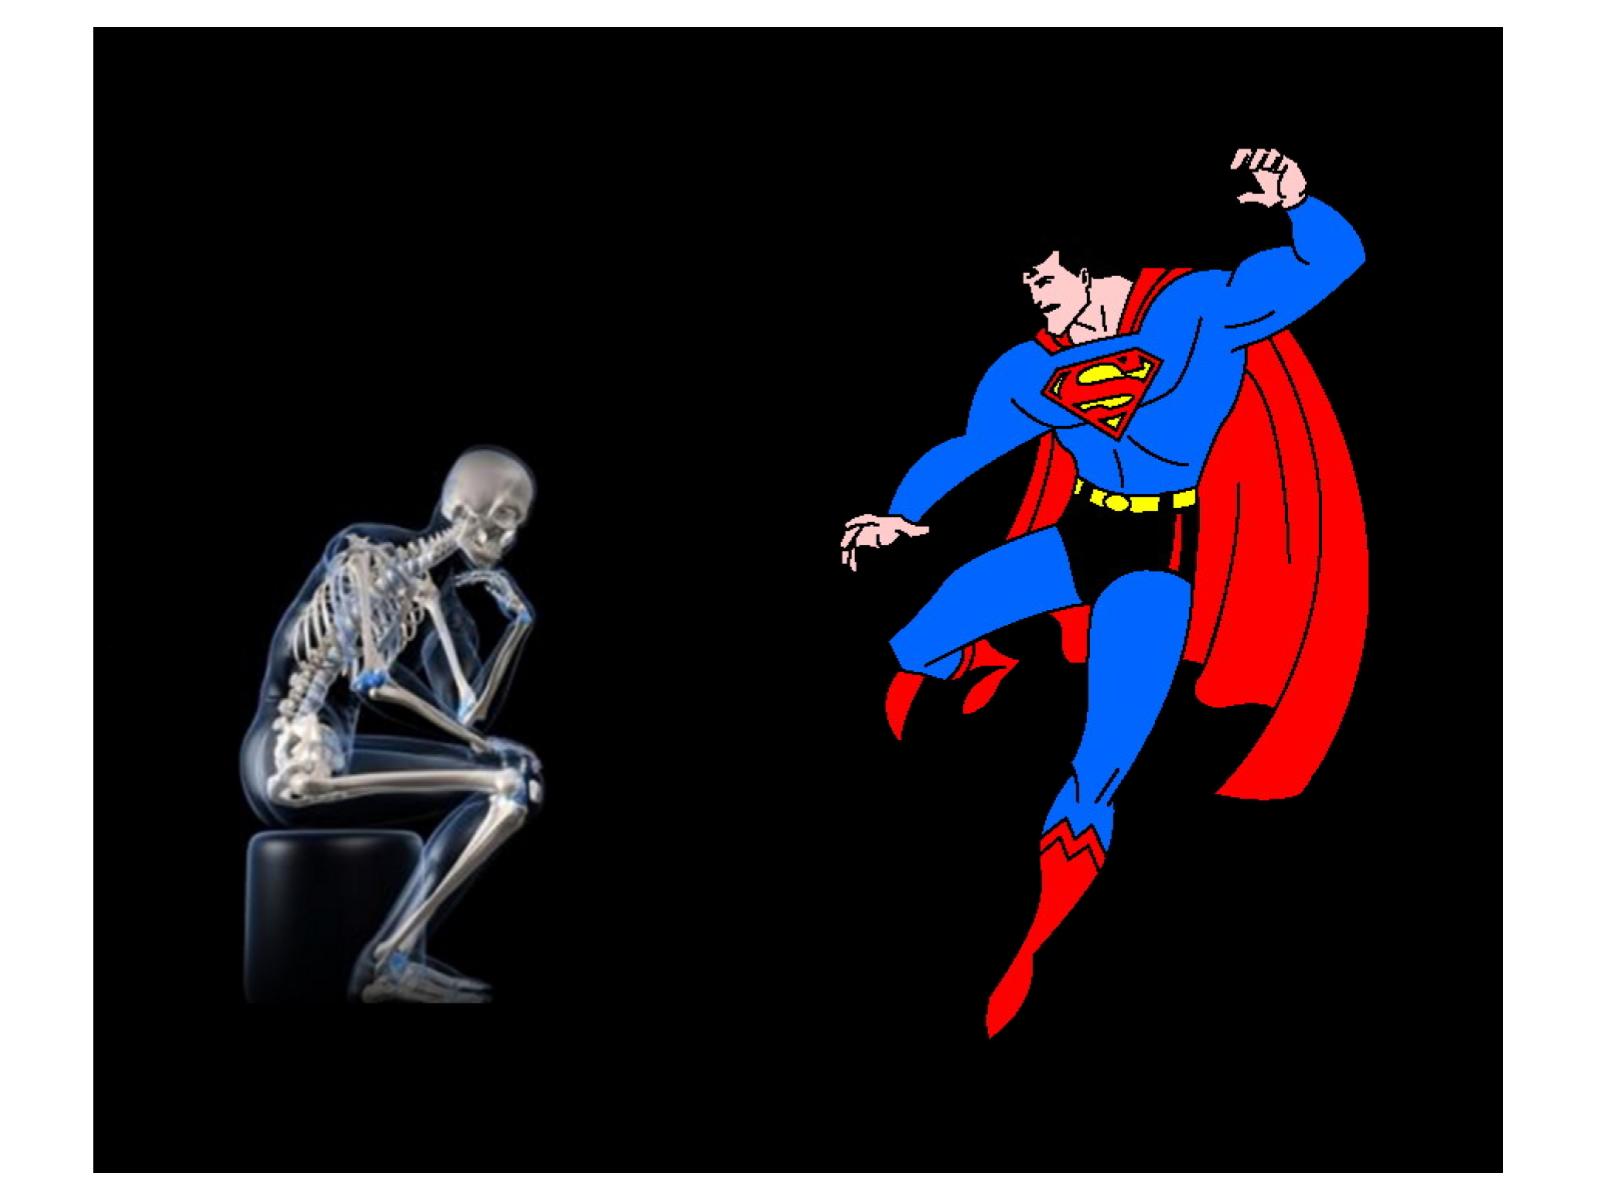 Raios X e imagens radiográficas